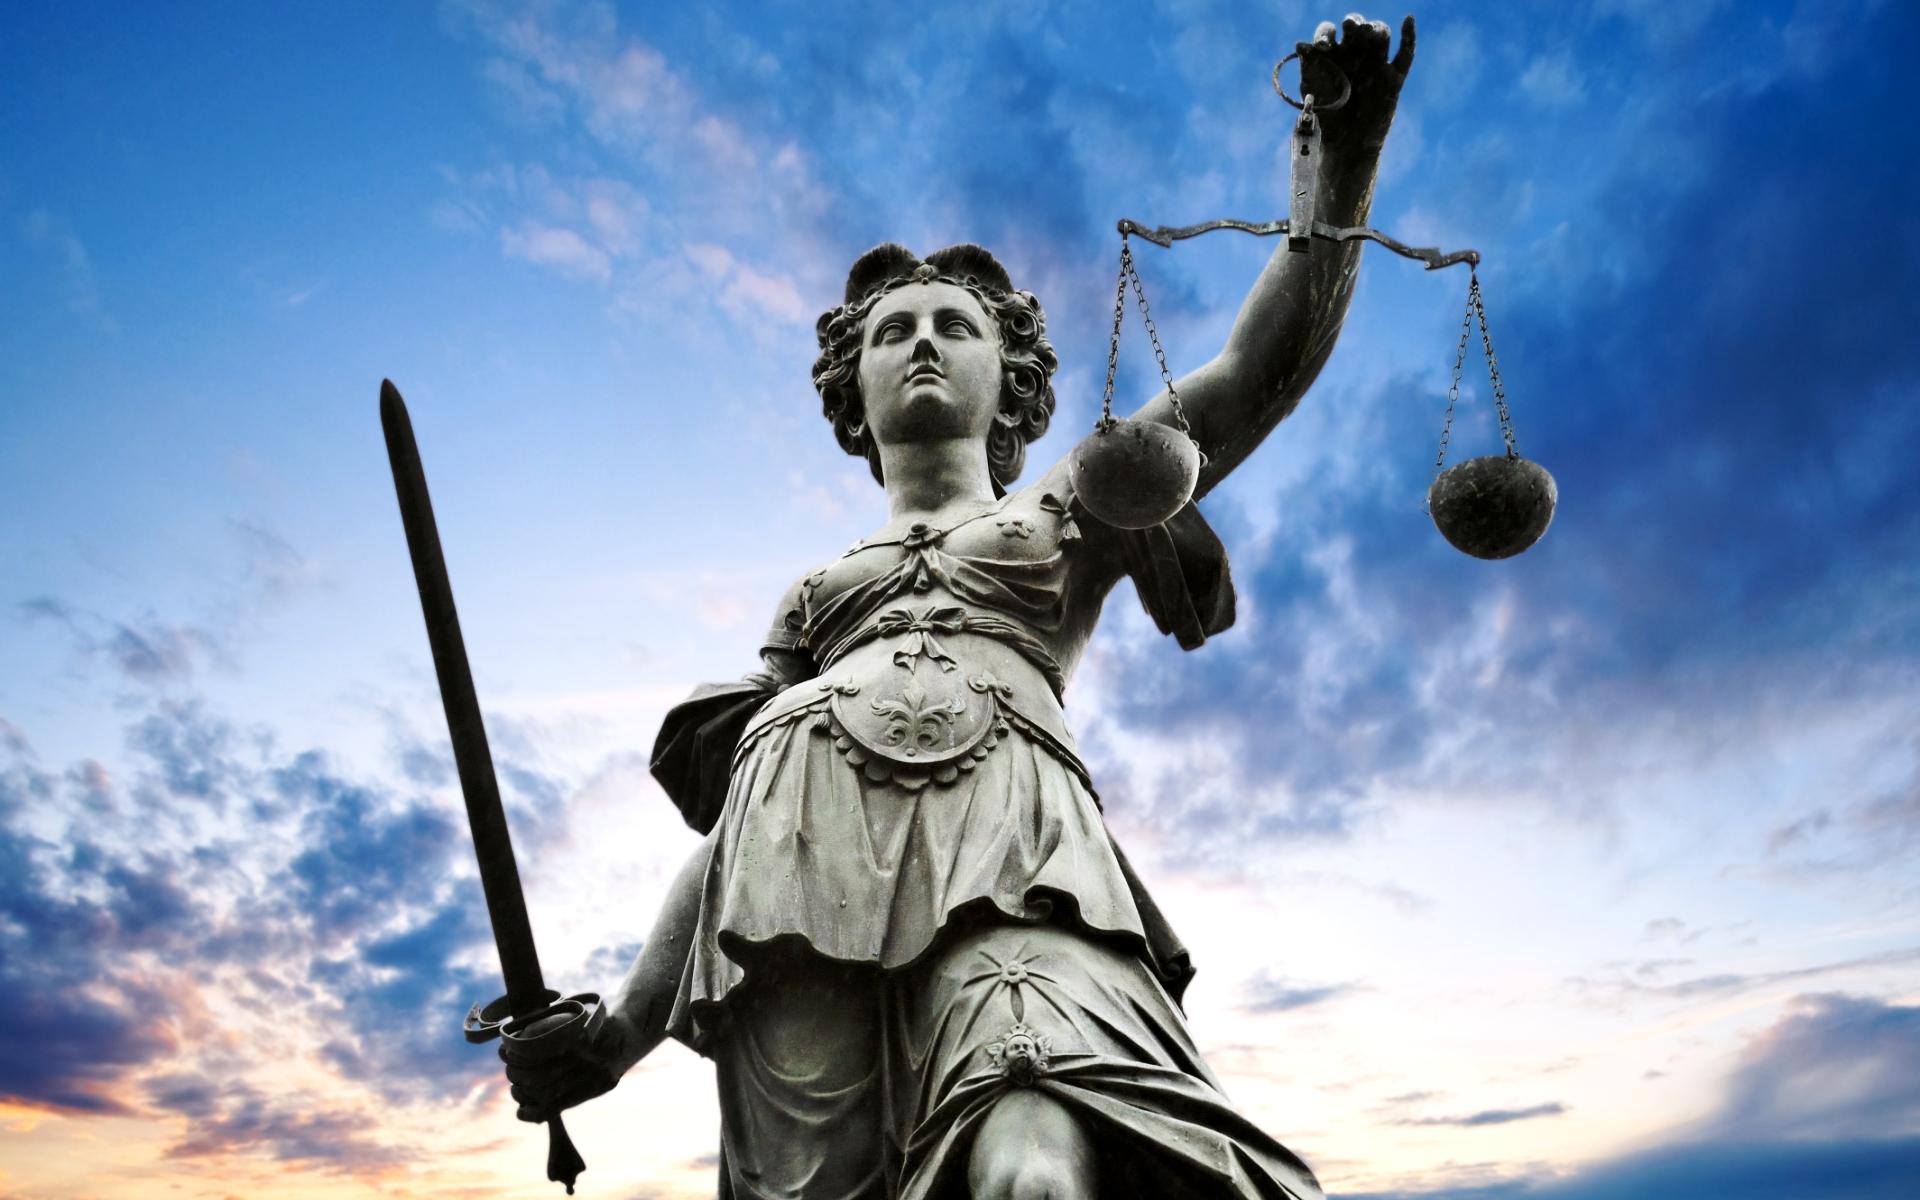 Определены победители конкурса в Верховный и Высший антикоррупционный суд